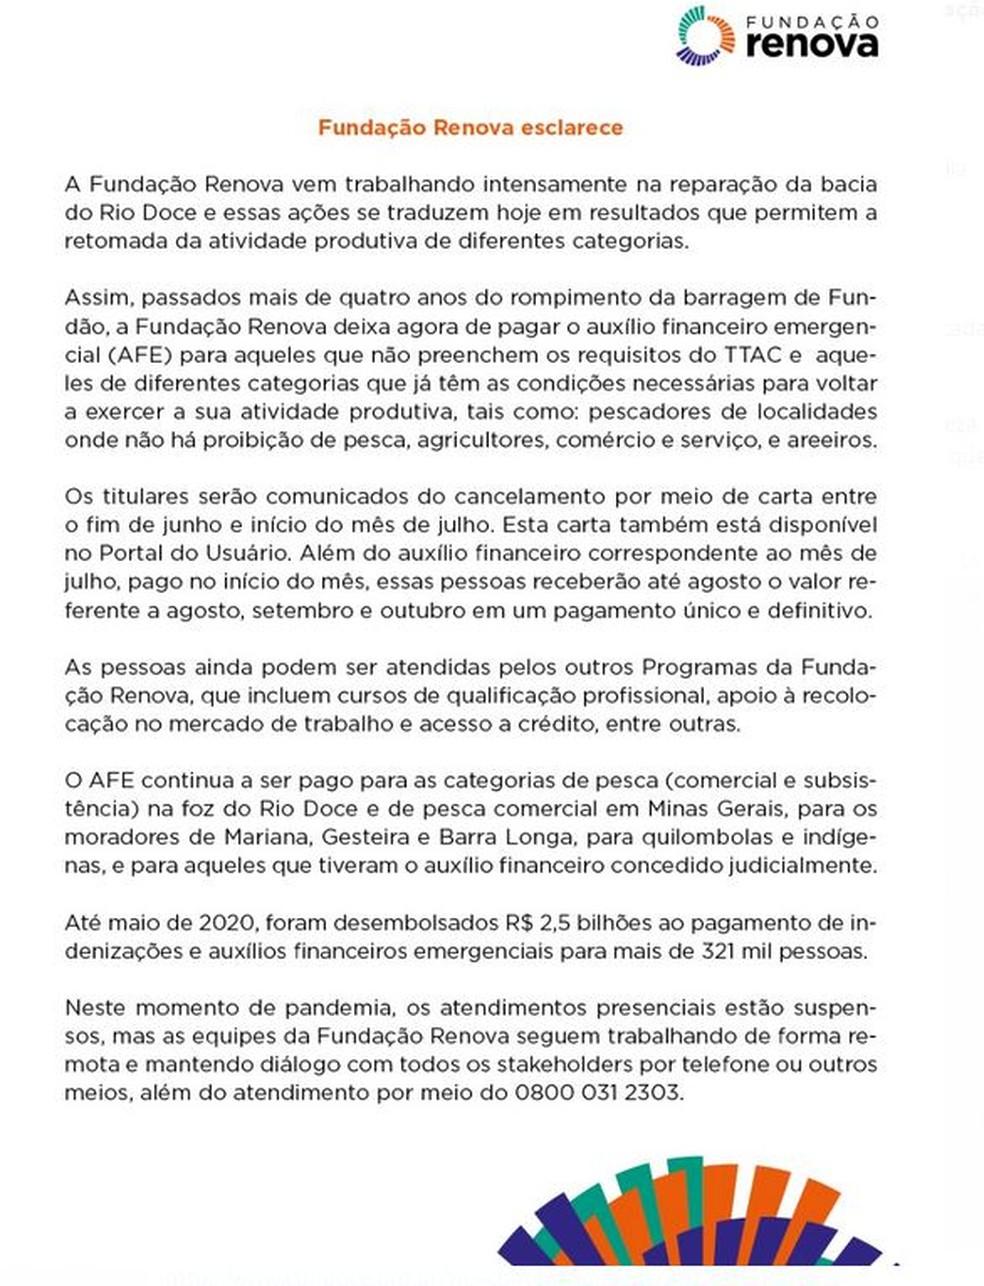 Renova enviou ofício comunicando o fim do pagamento — Foto: Fundação Renova